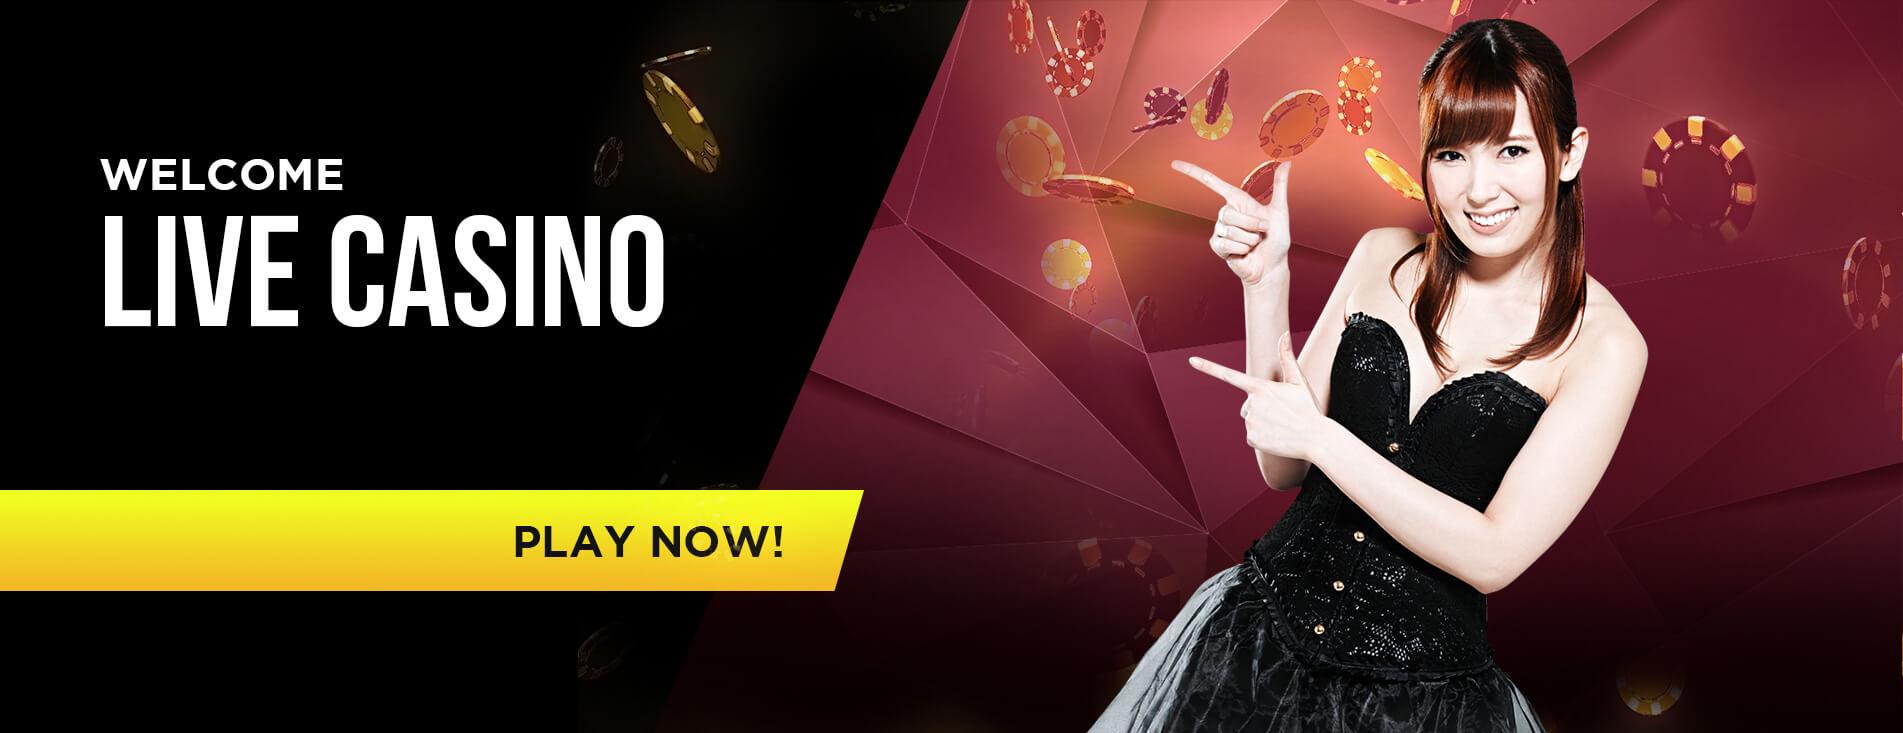 Free Online Poker Bonuses